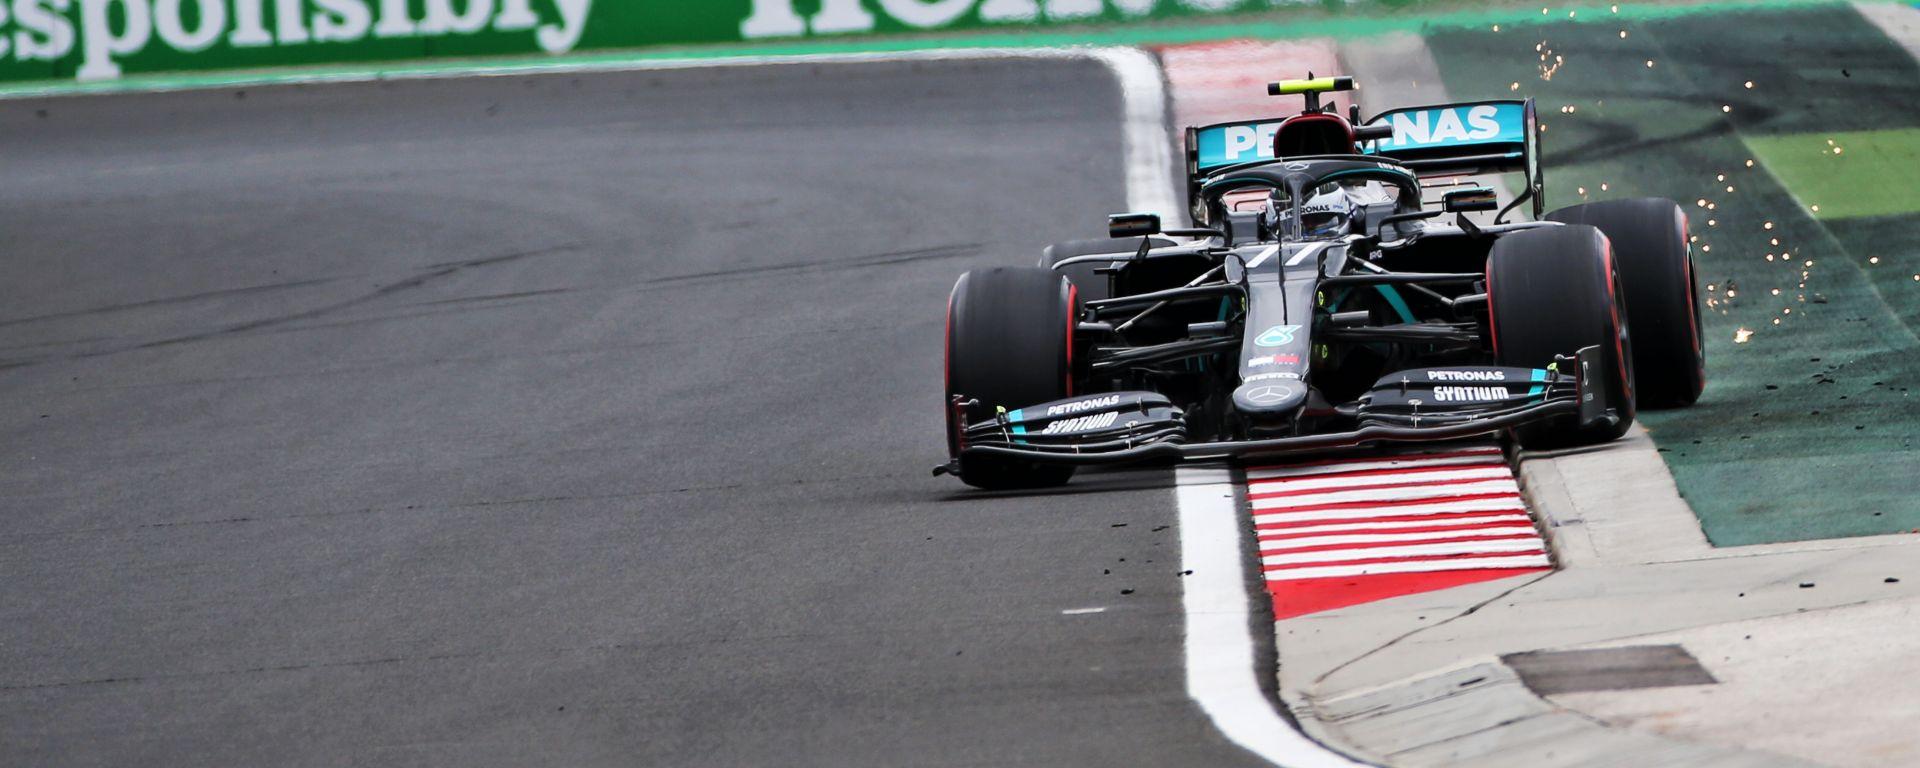 F1 GP Ungheria 2020, Budapest: Valtteri Bottas (Mercedes)